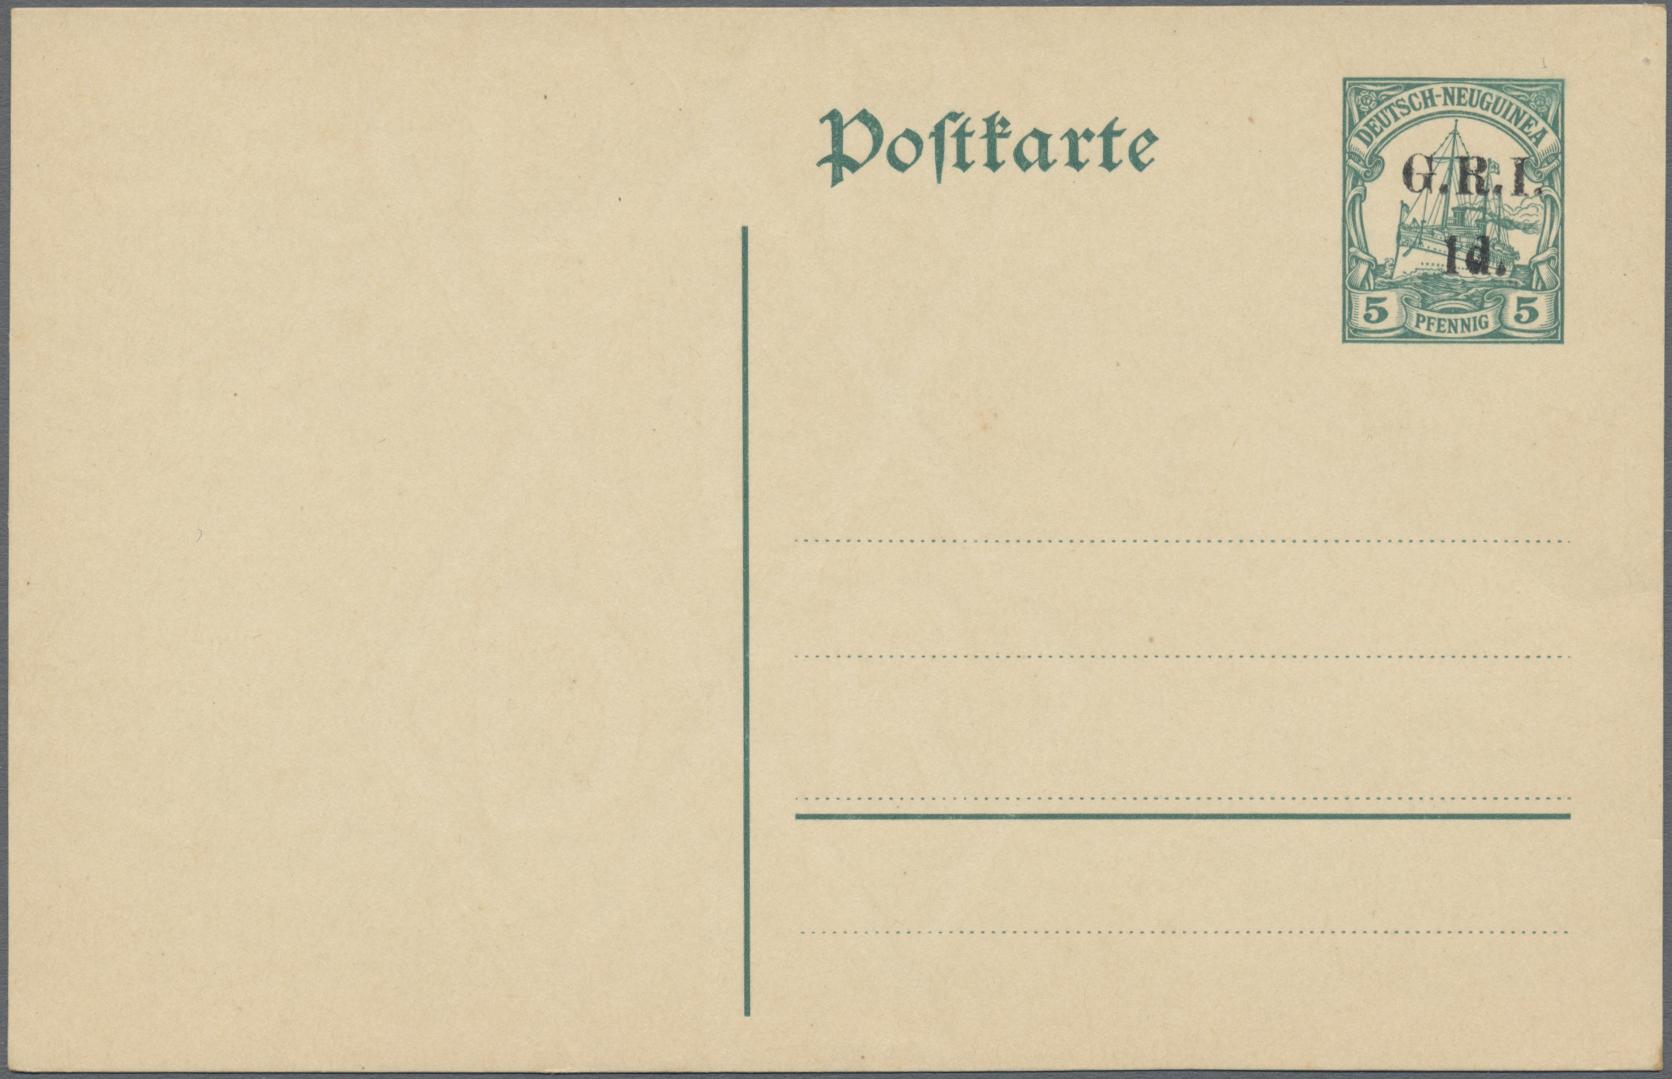 Lot 22622 - Deutsch-Neuguinea - Britische Besetzung  -  Auktionshaus Christoph Gärtner GmbH & Co. KG Sale #44 Germany, Picture Post cards